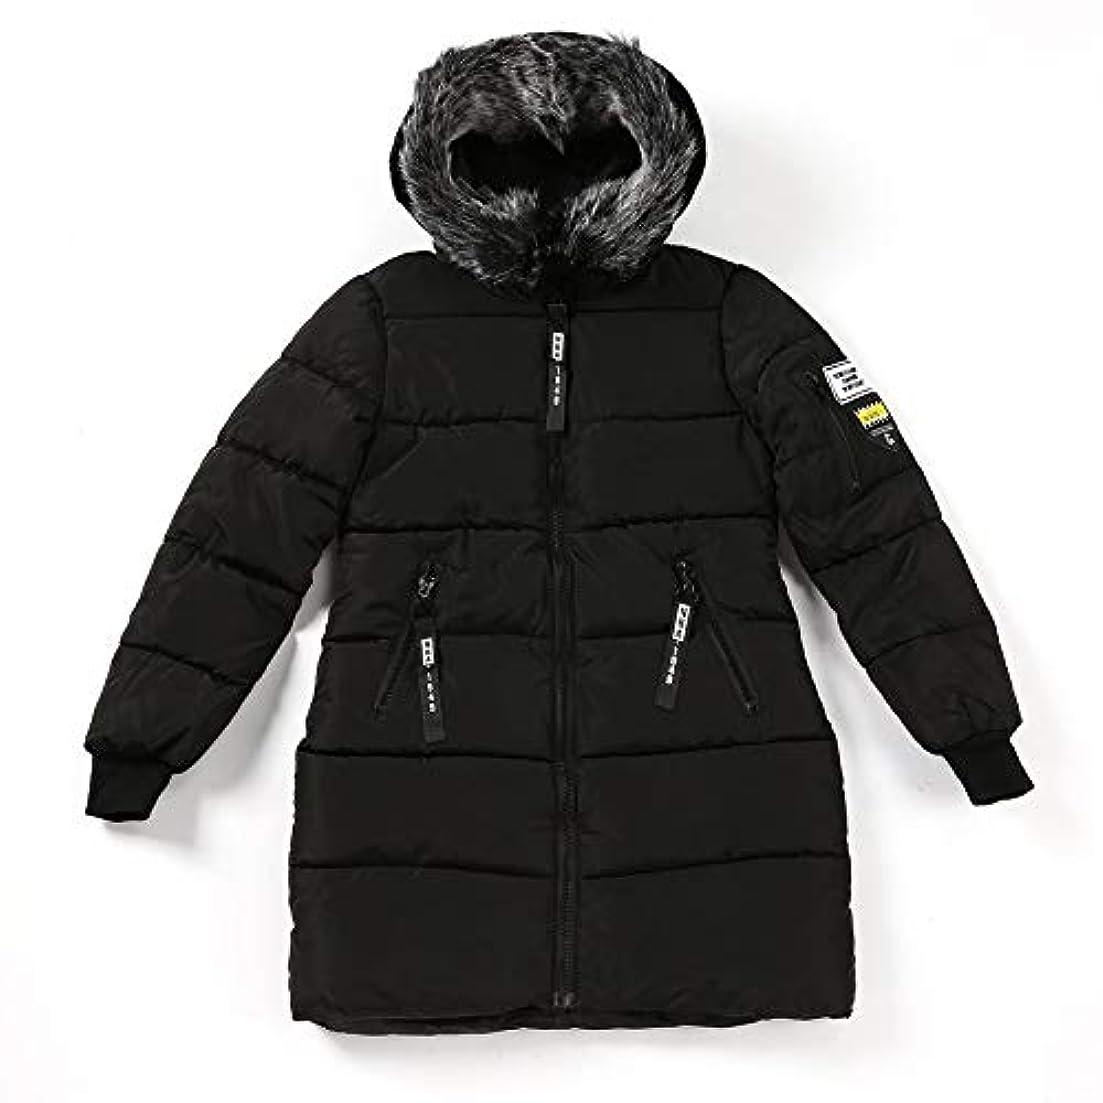 エッセンスマーカー少ない韓国スタイルの女性のコートファッションオールマッチフード付きダウンジャケット綿パッド入り厚く暖かいコートミドルロング冬生き抜くコート-ブラックM